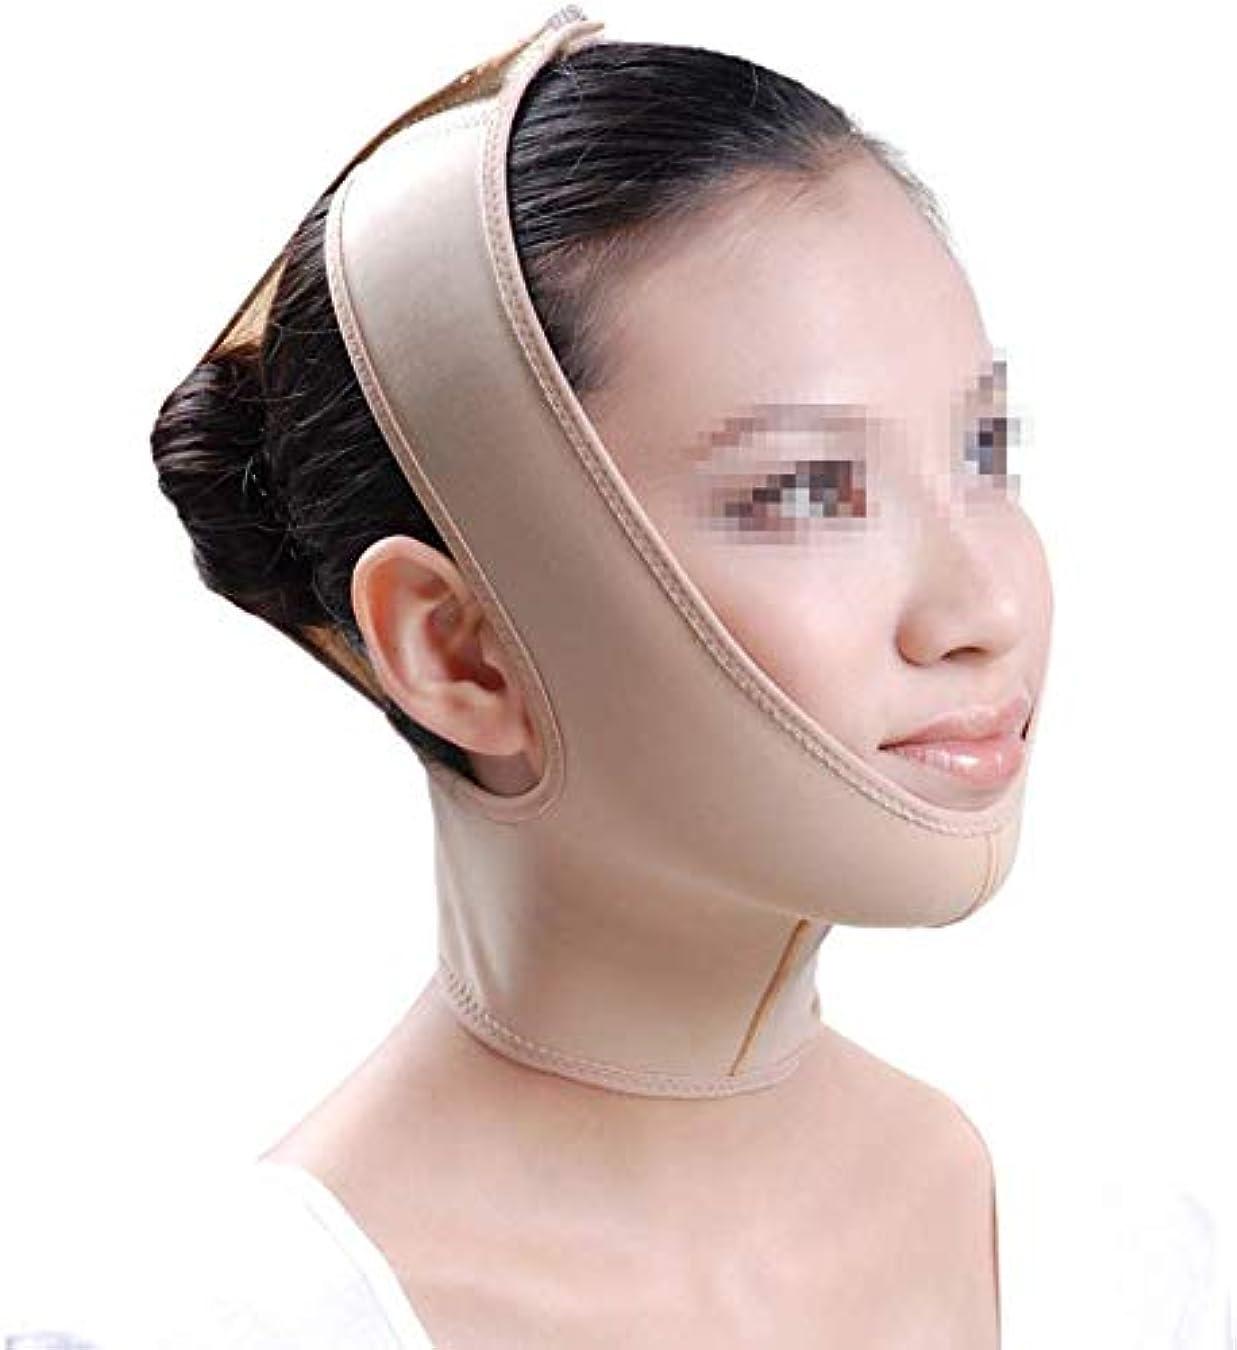 ウイルスプライムご近所Slim身Vフェイスマスク、フェイスリフトマスク、顎首スリーブ首二重あご顔医療脂肪吸引手術傷フェイスマスクヘッド弾性スリーブ(サイズ:L)